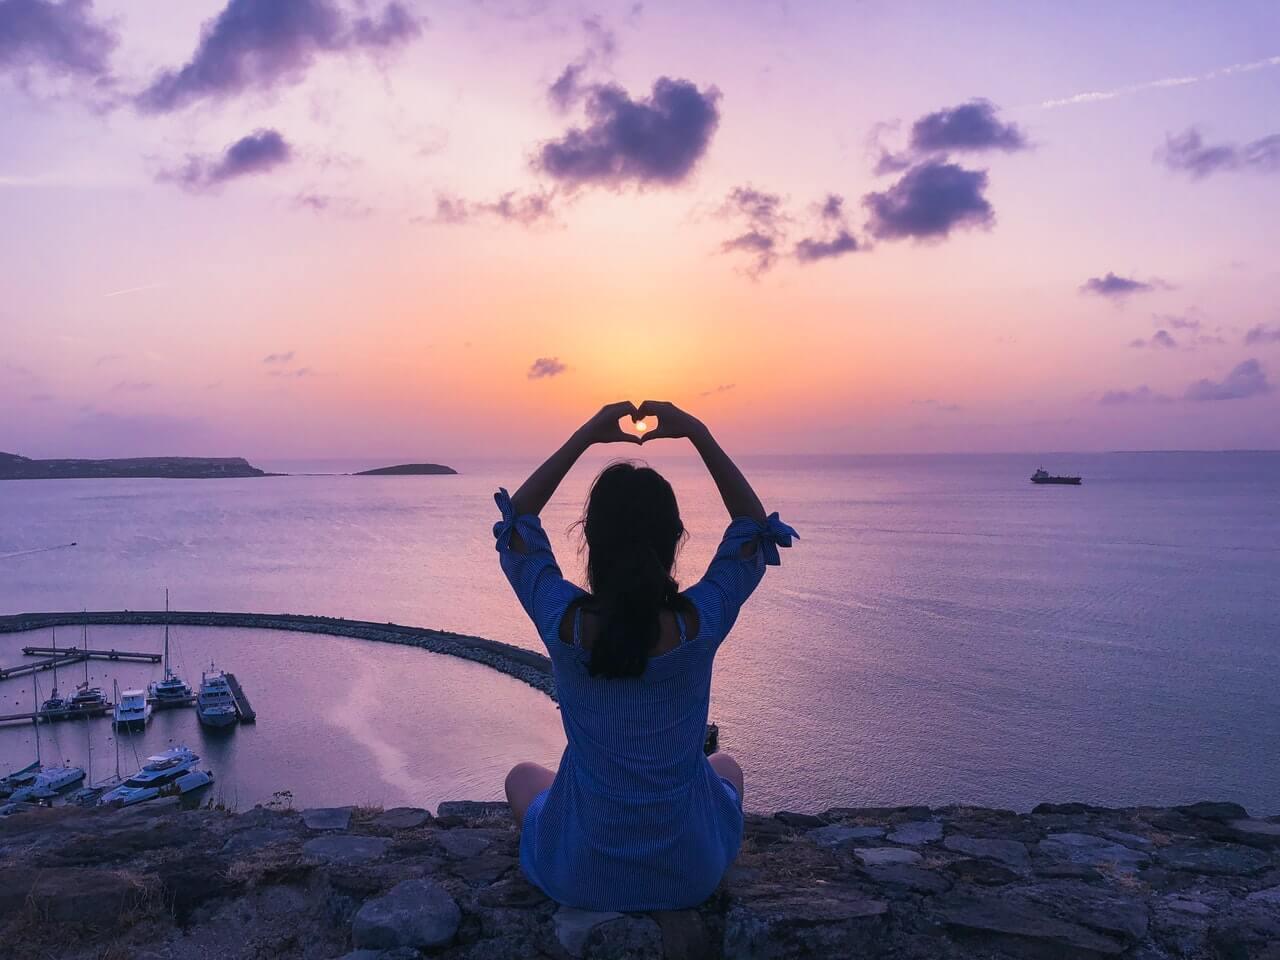 ¿Cuál es la importancia de expresar nuestras emociones?